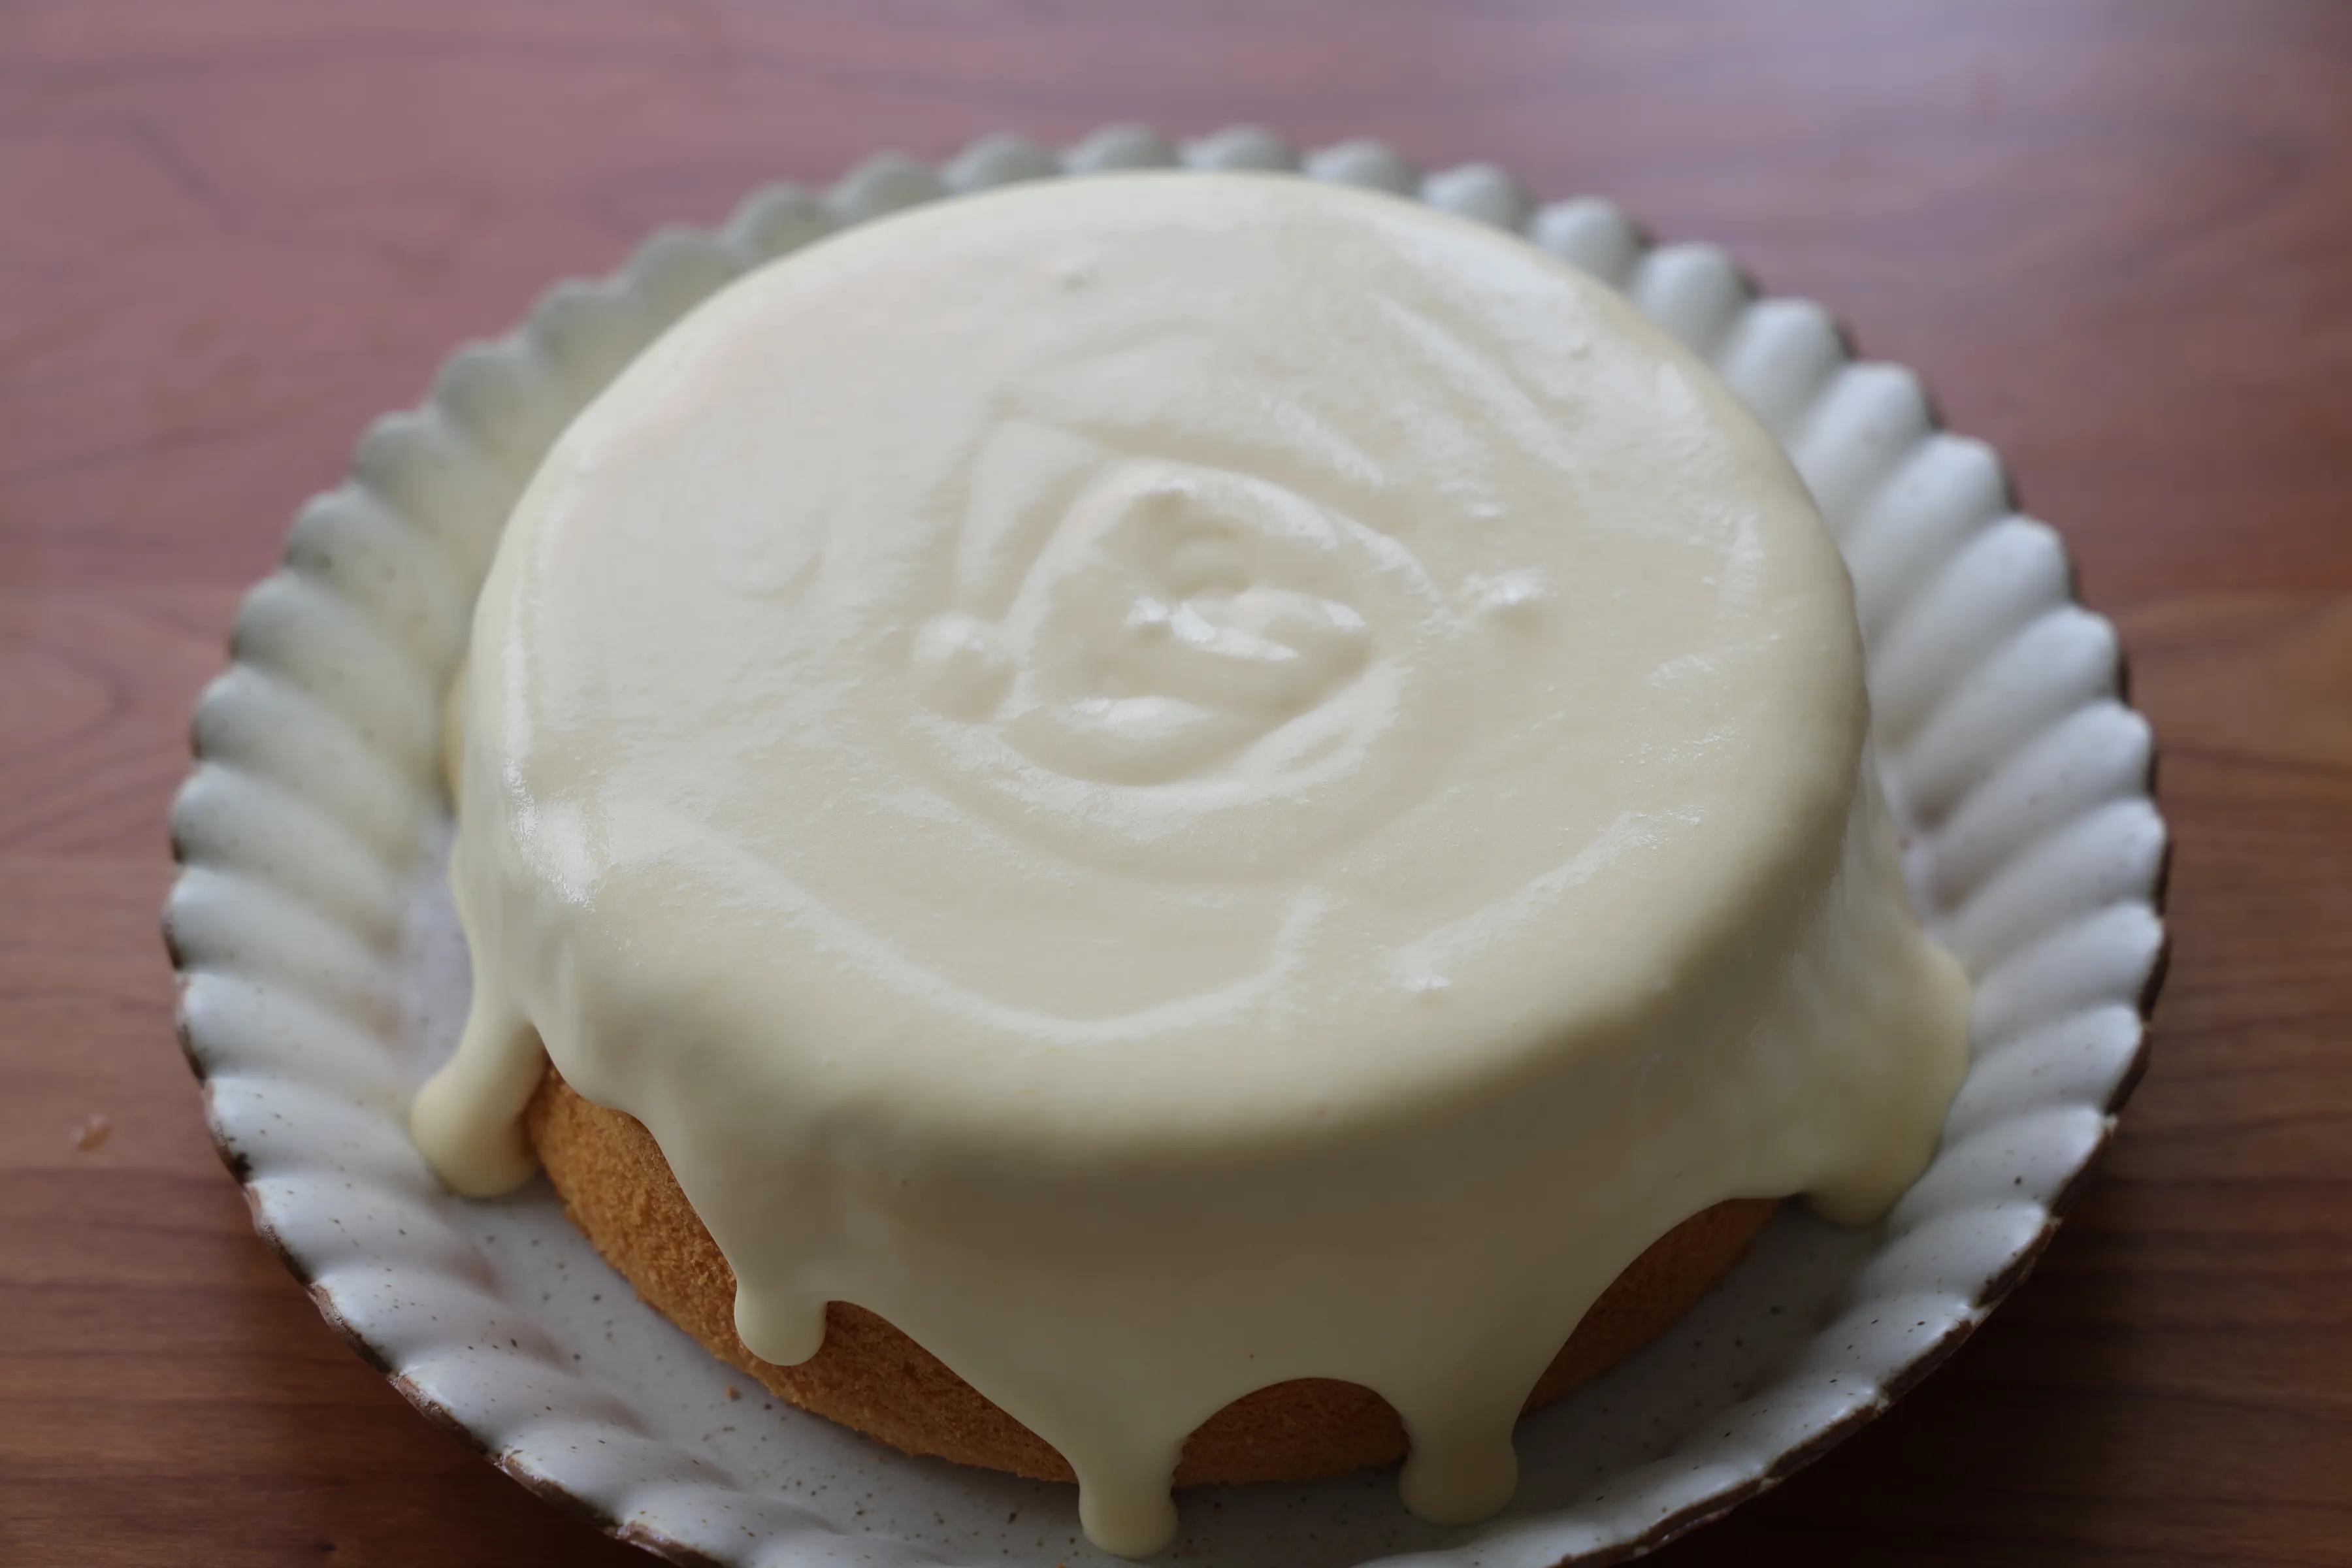 粉絲朋友點名要的網紅爆漿蛋糕,切第一塊的時候太治愈,味道超讚